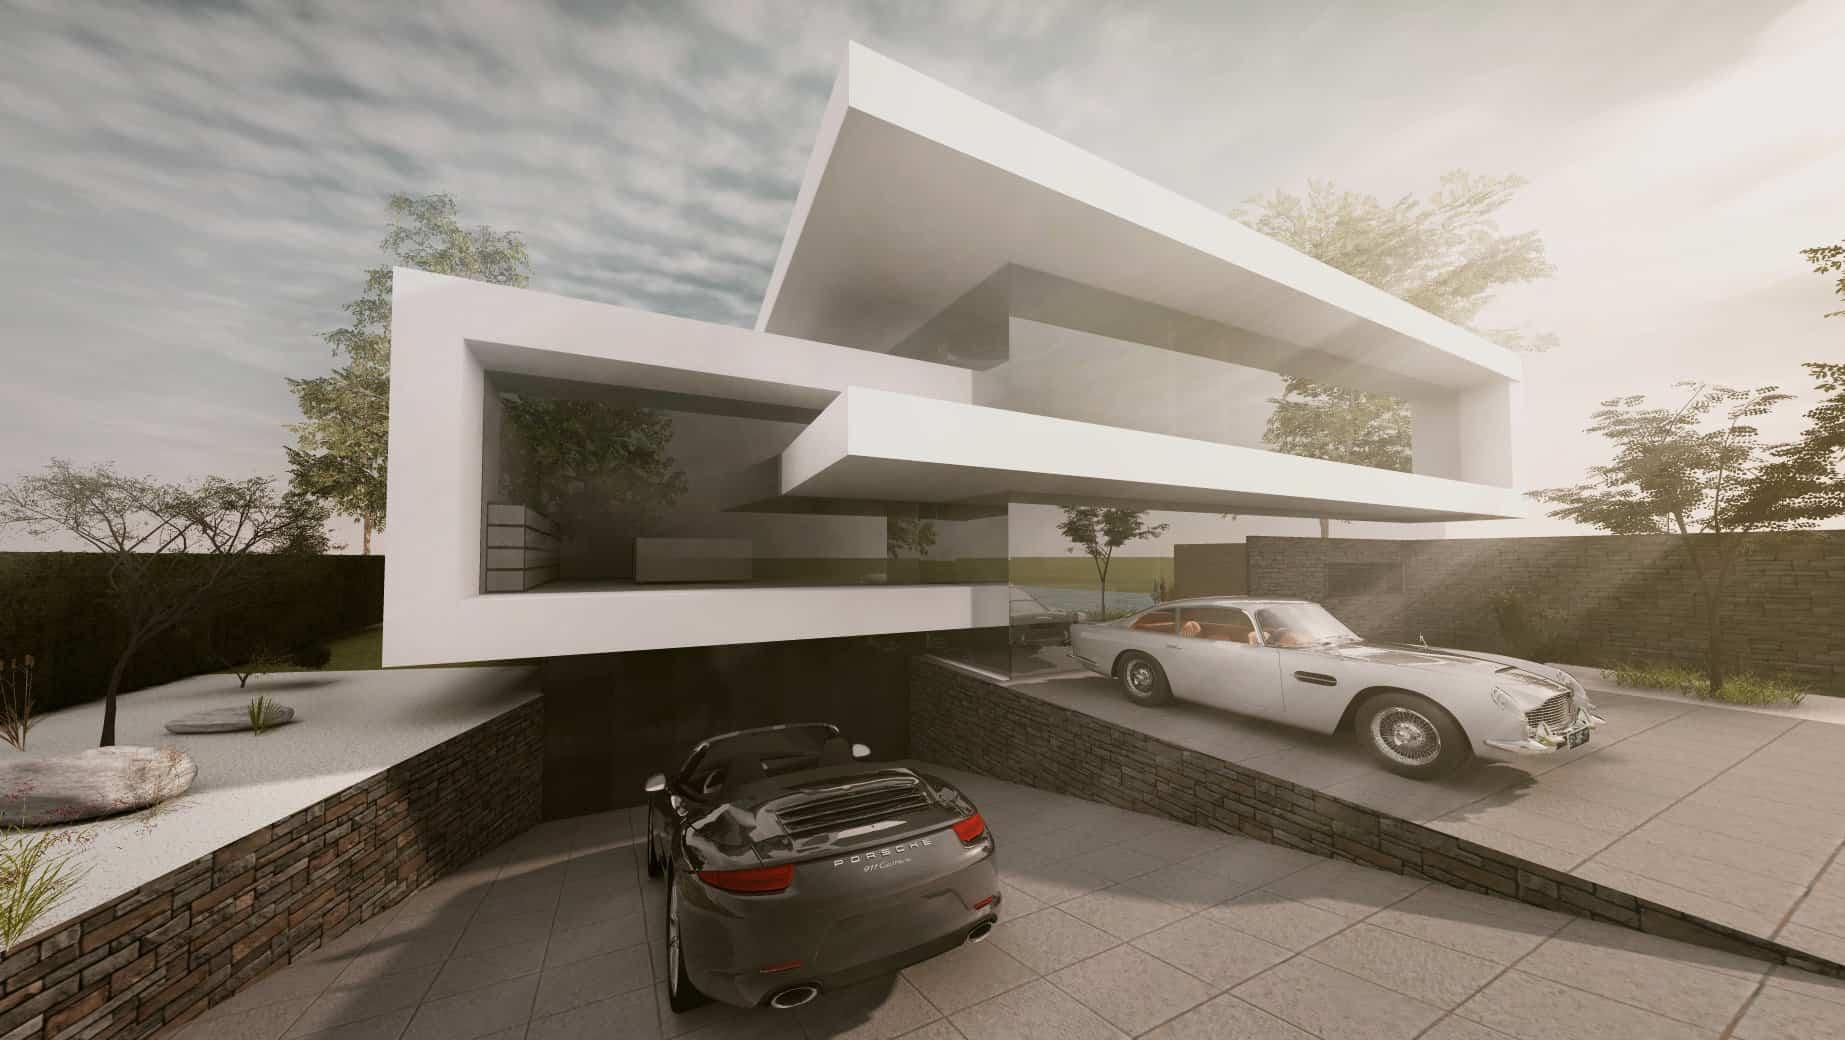 Moderne Hauser Bauen Bilder Und Haustypen Avantecture